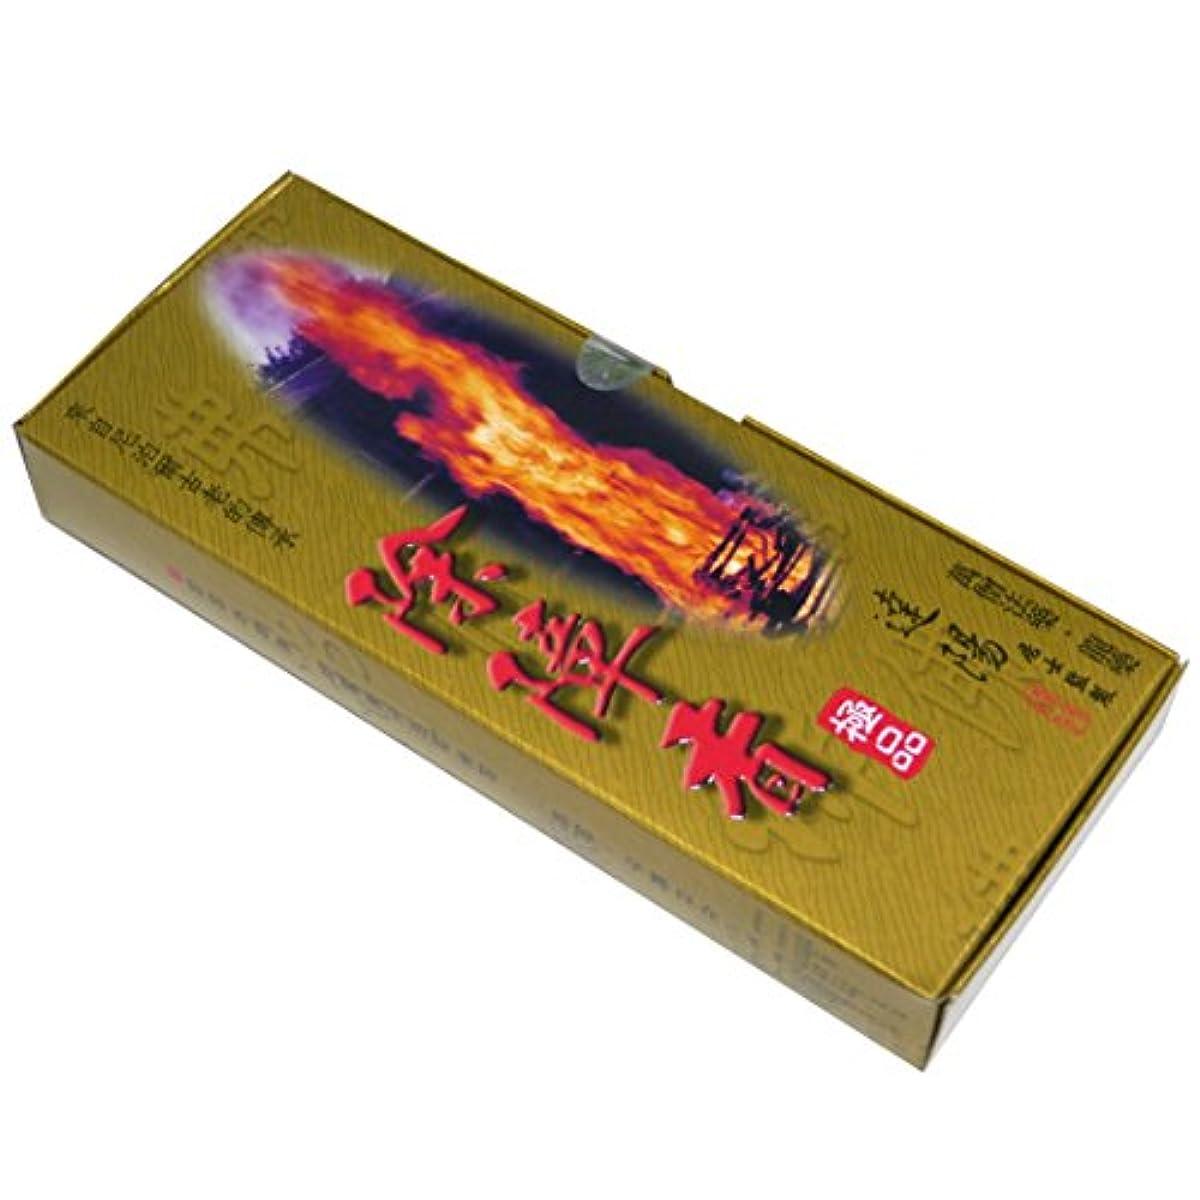 秘書百説教する除障香本舗 台湾香 除障香本舗の除障香線香